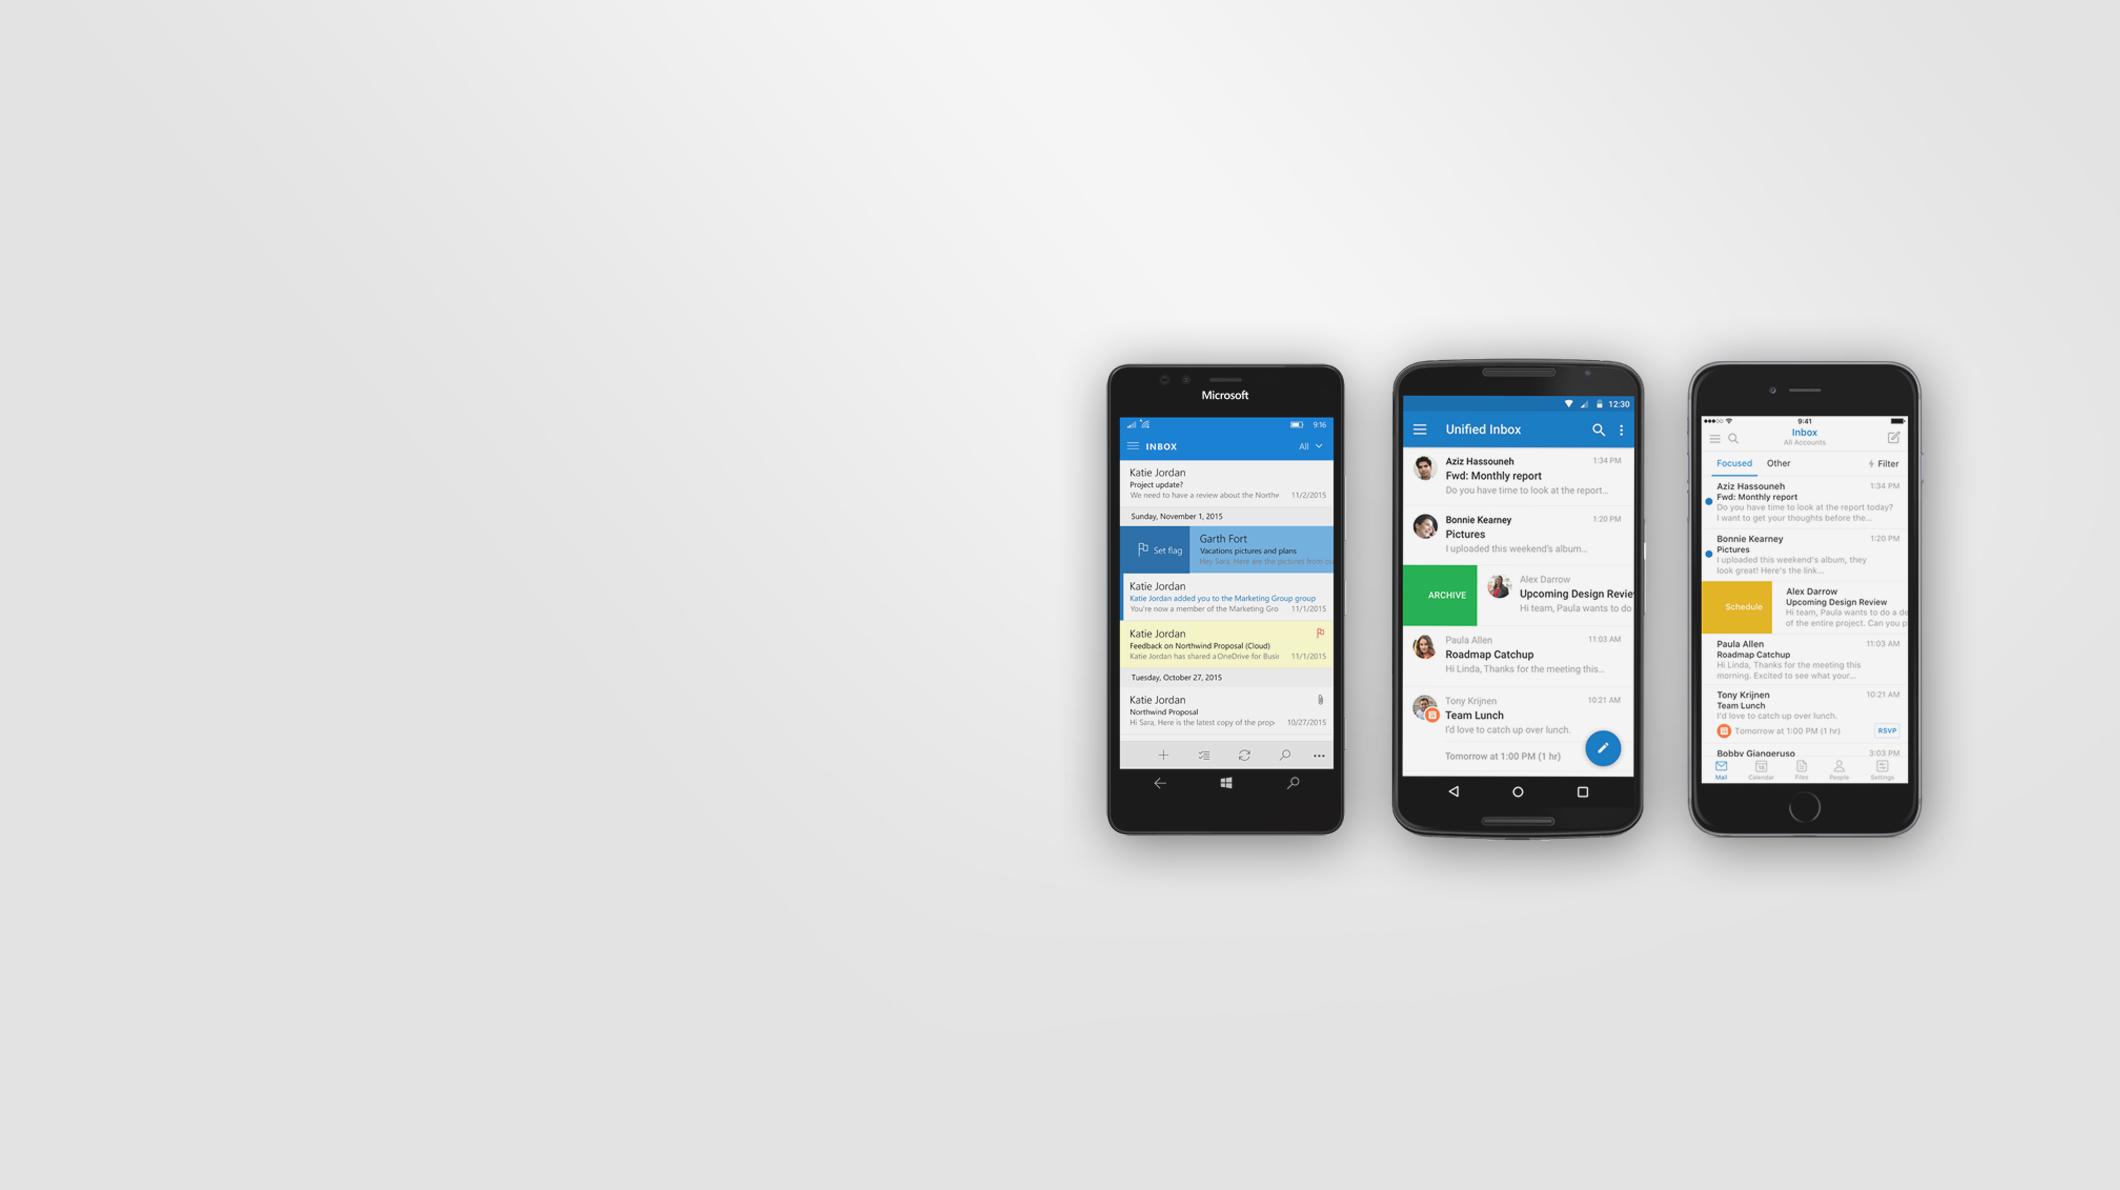 Smartphones showing the Outlook app